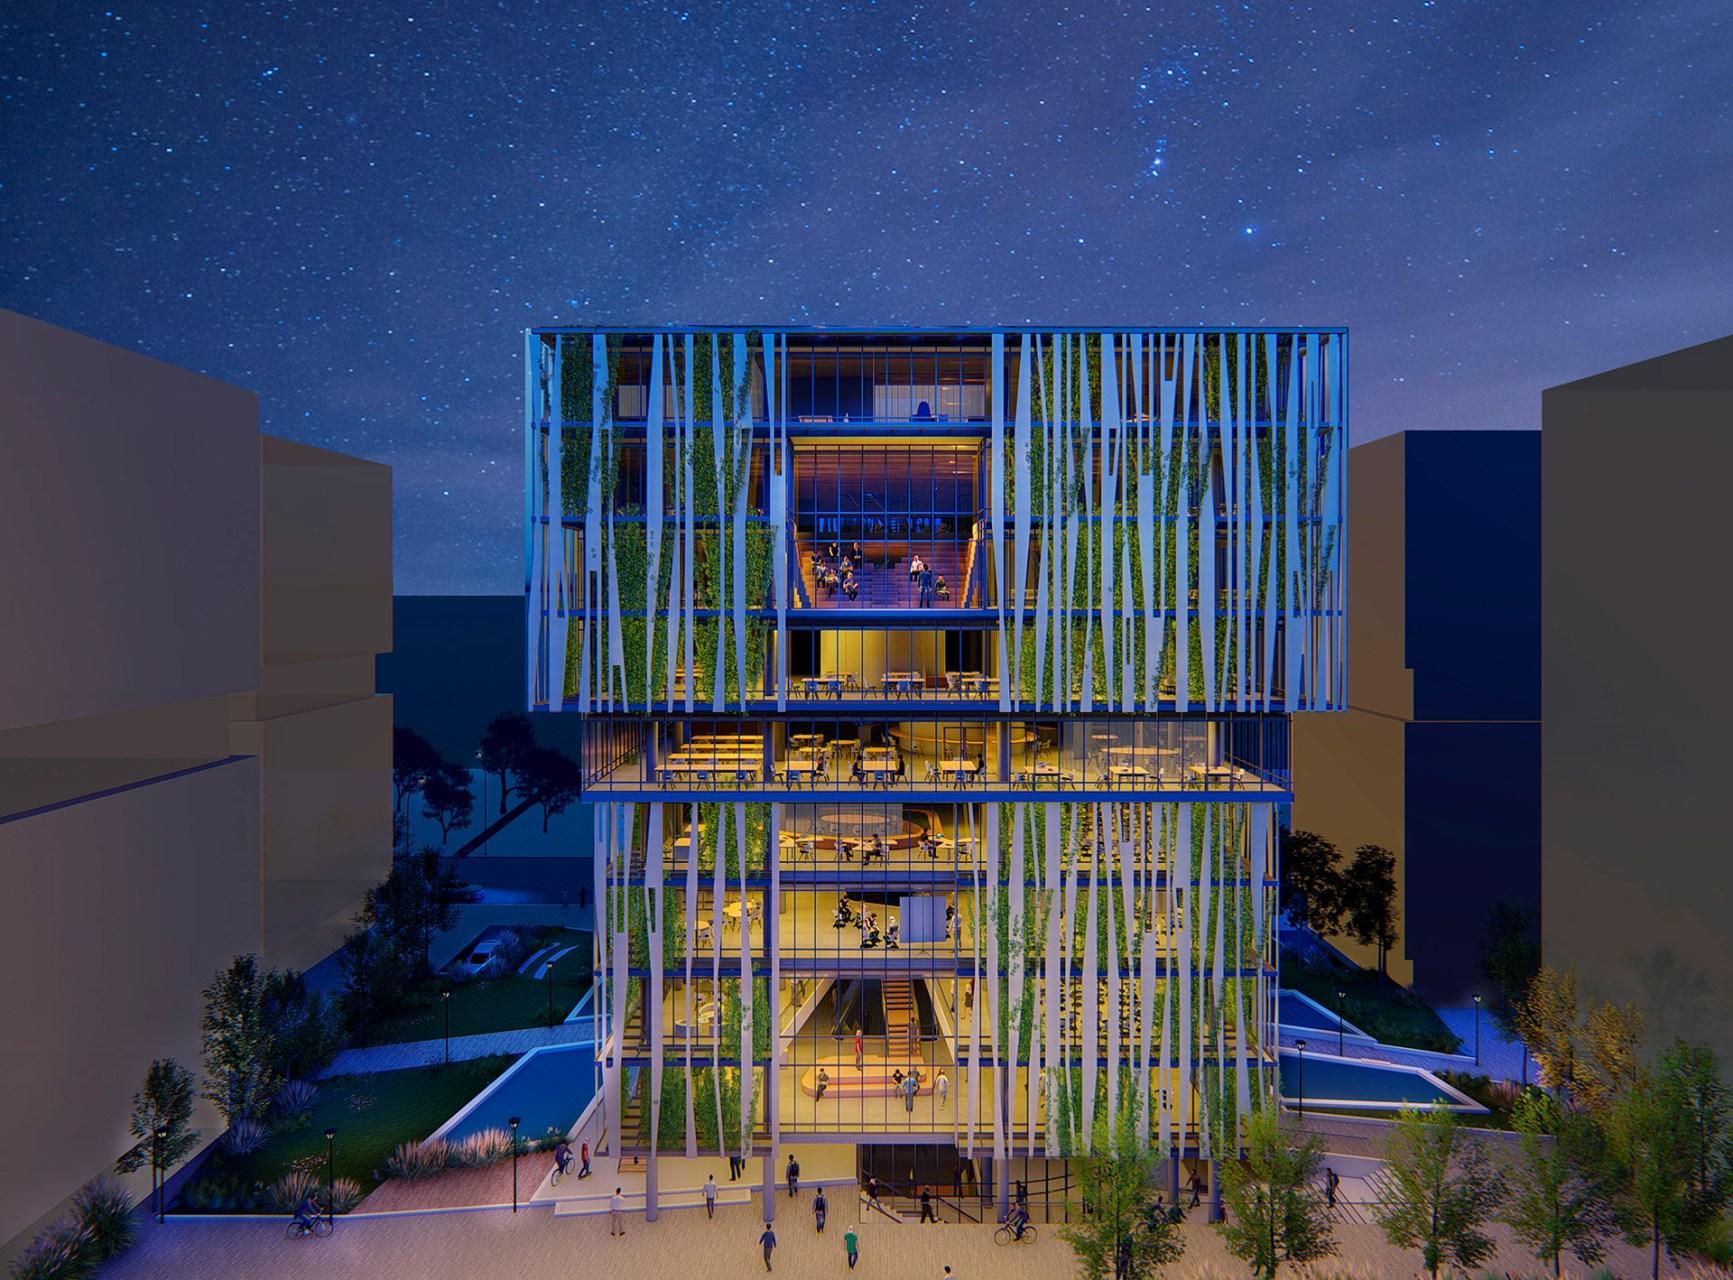 Concurso Edificio Educación del Futuro